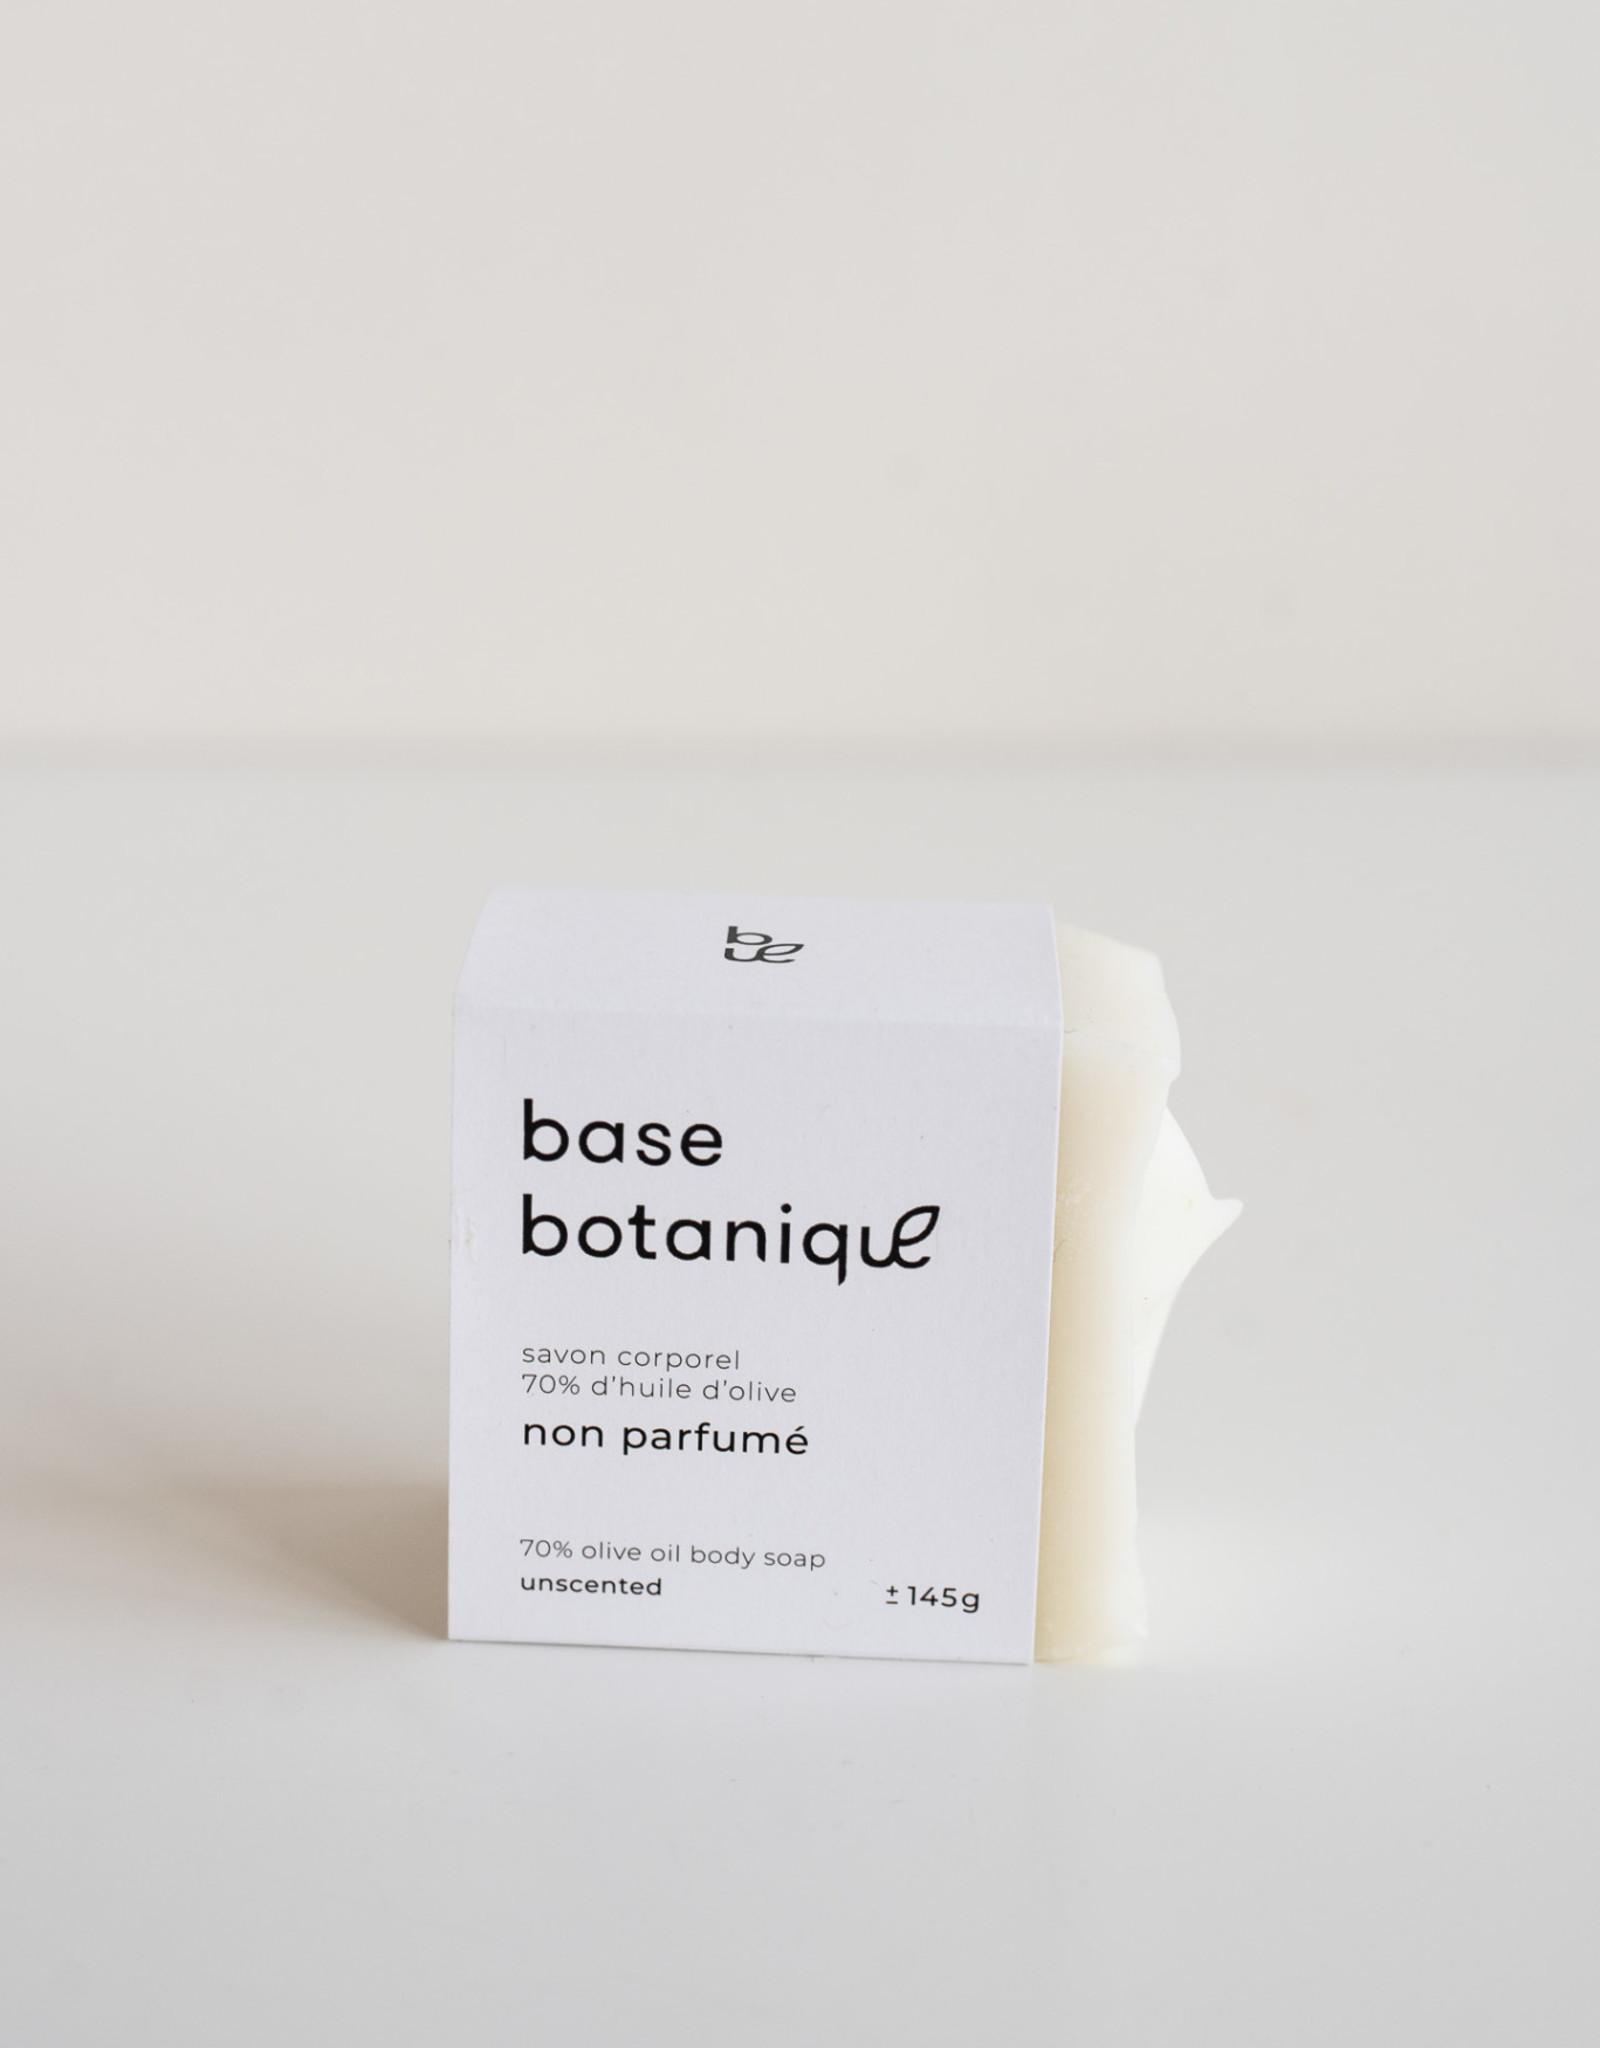 Base Botanique Savon corporel Non parfumé